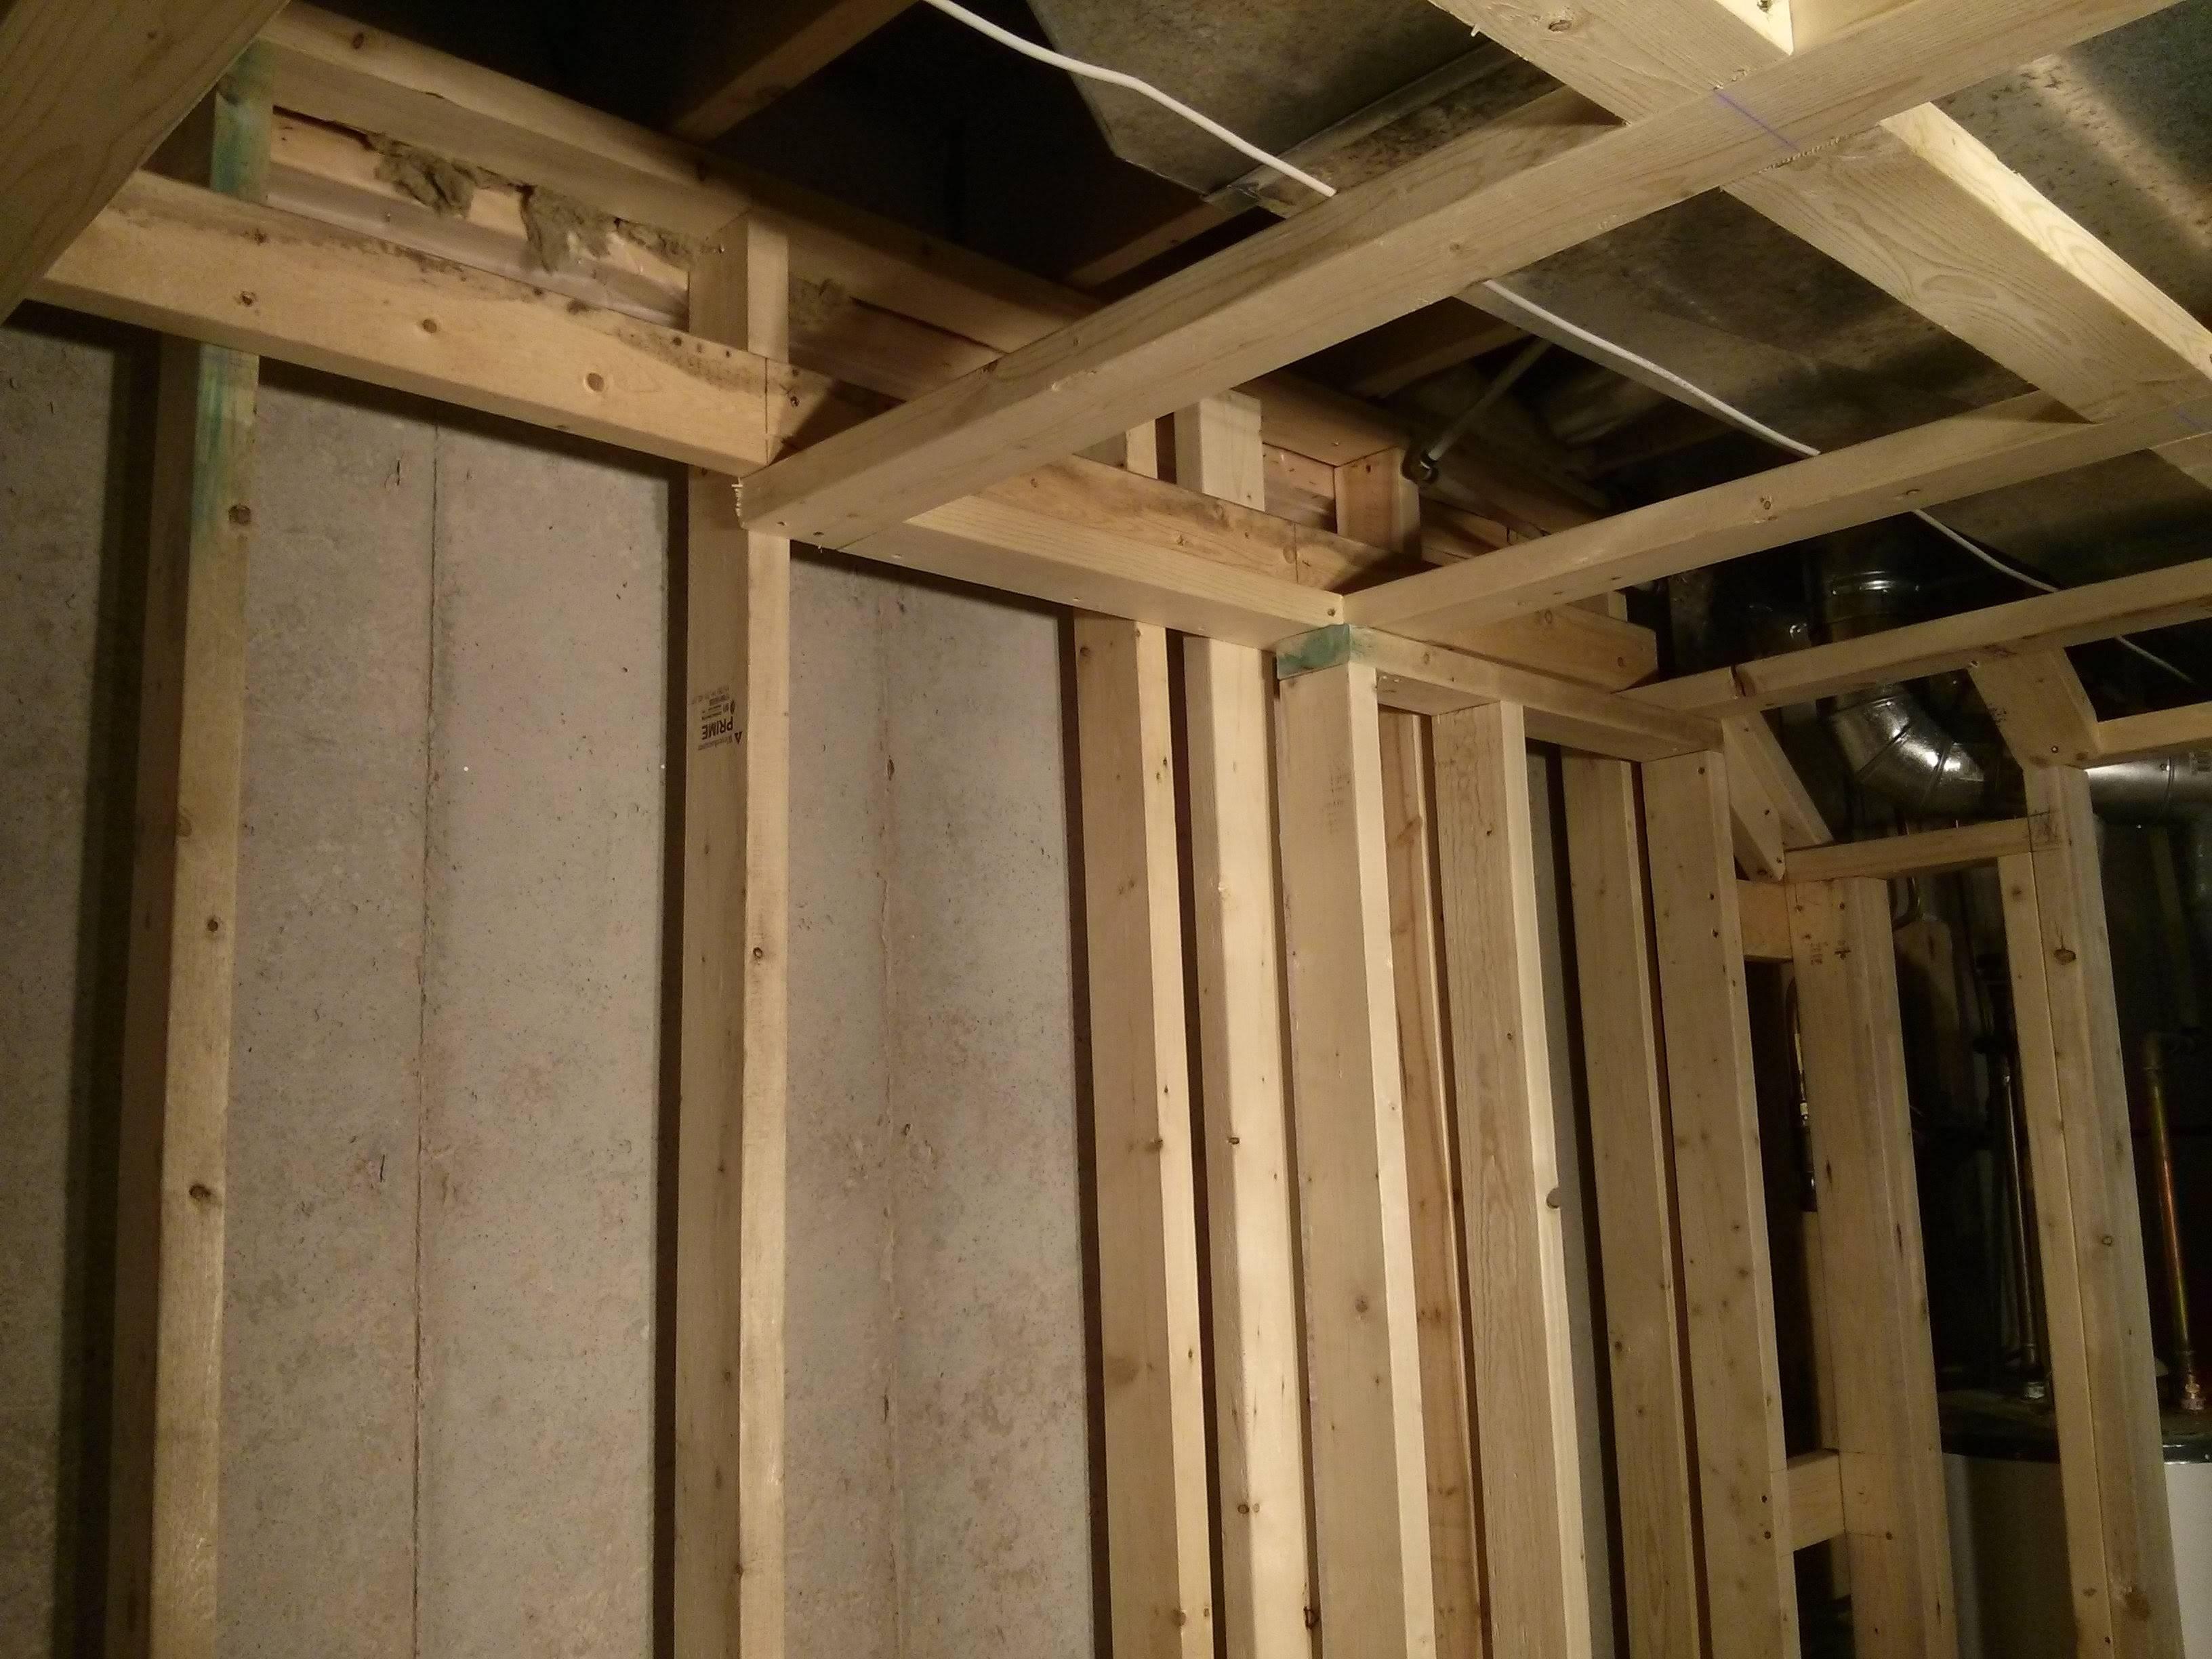 Basement Wall Insulation Vapor Barrier